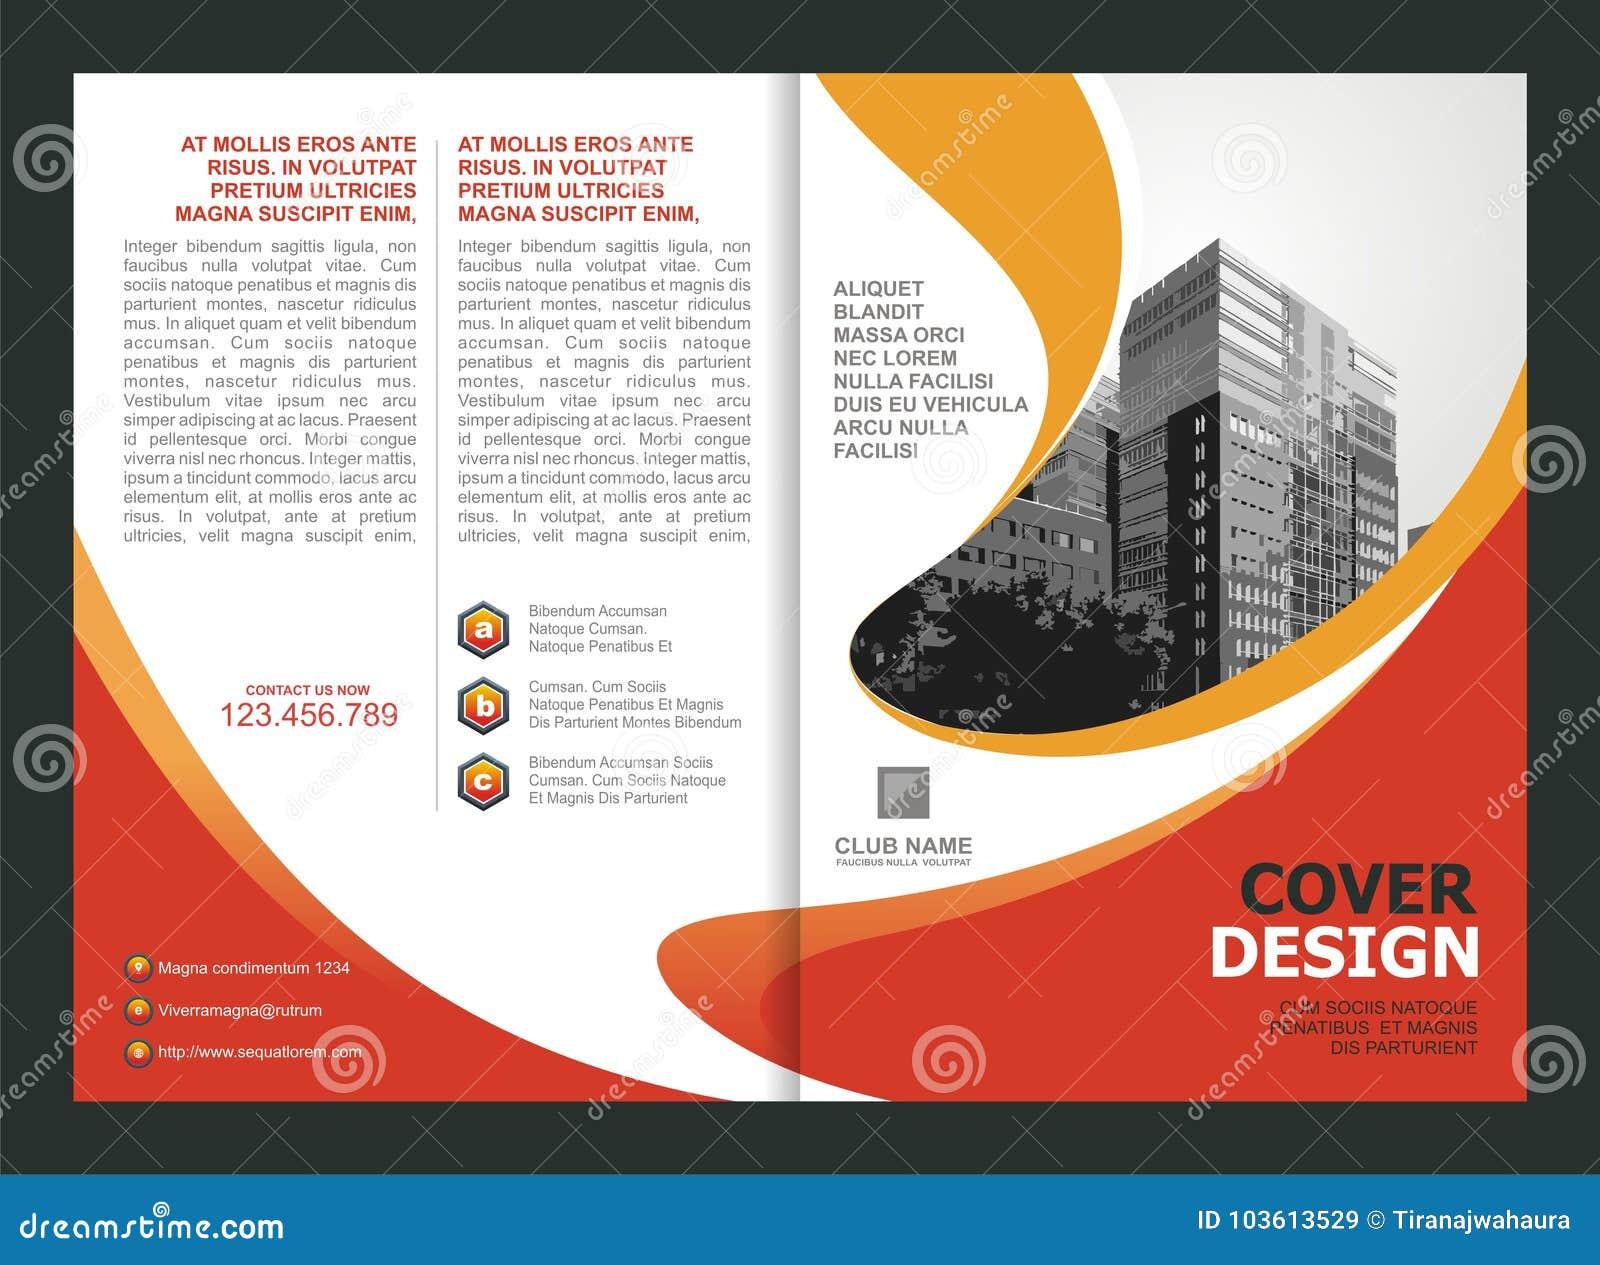 Broschüre, Flieger, Schablonen-Design mit orange und gelber Farbe